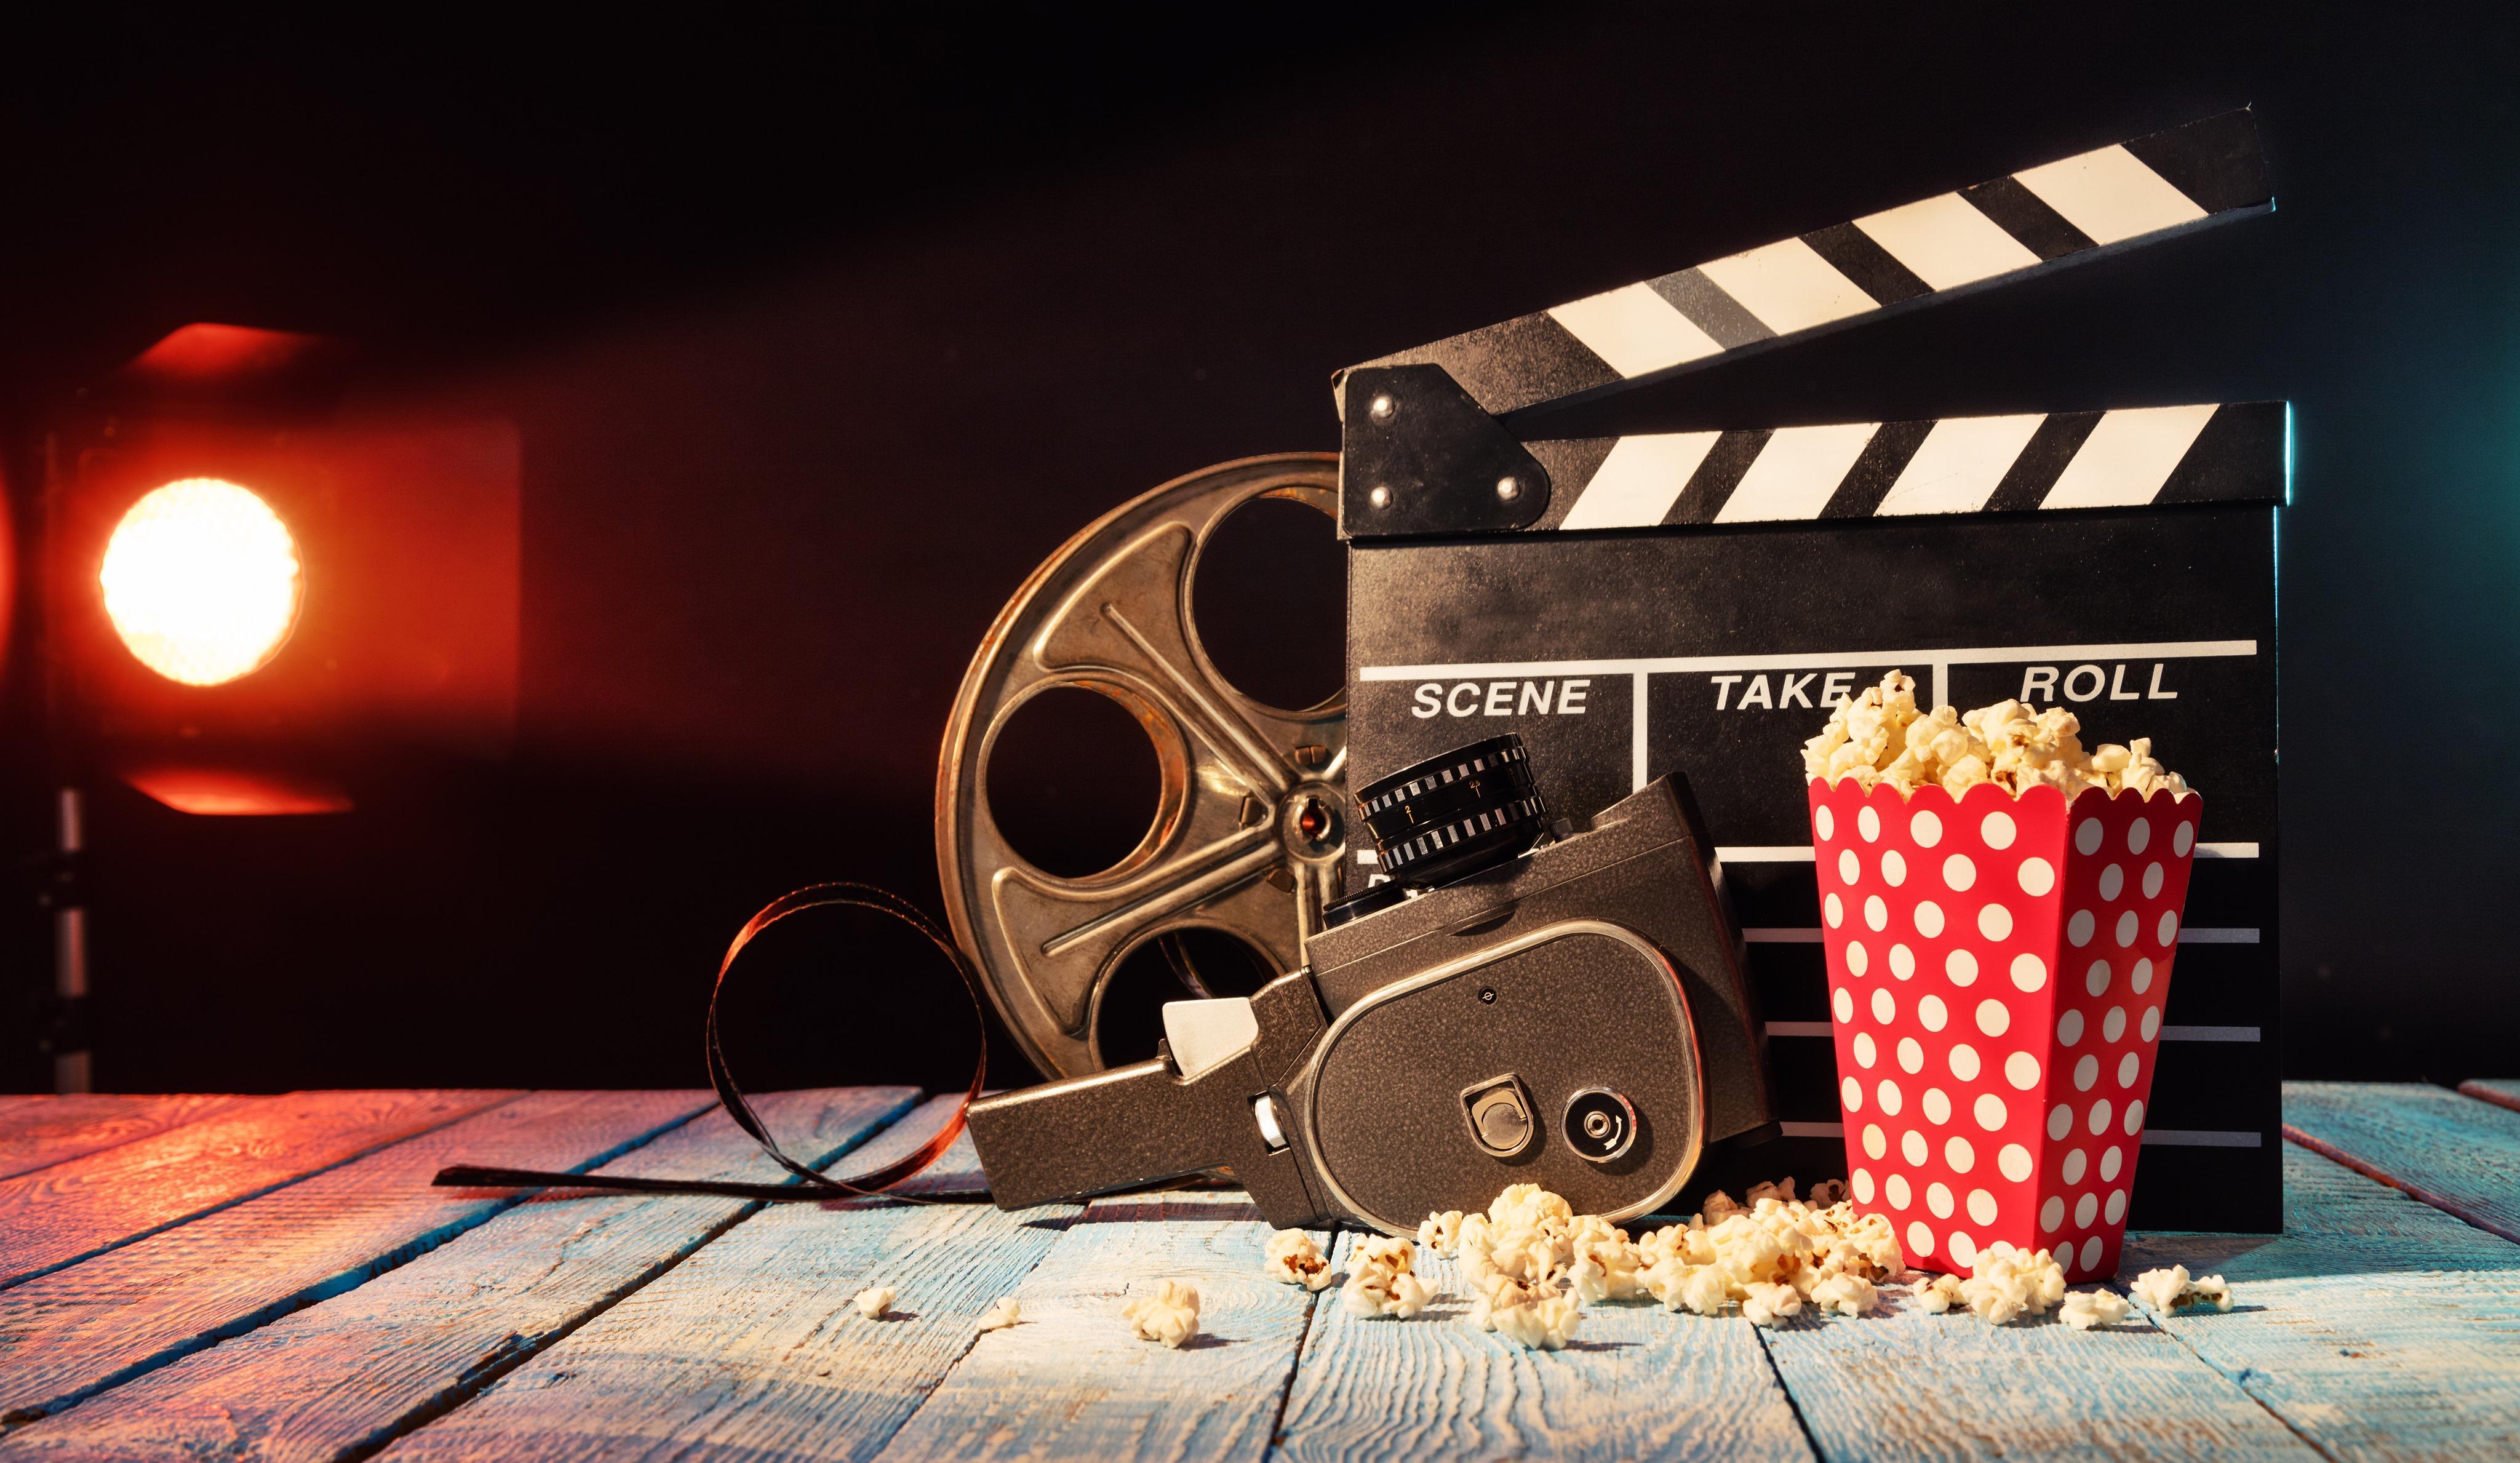 Short Film Night (15) at Film & Food Fest Huddersfield